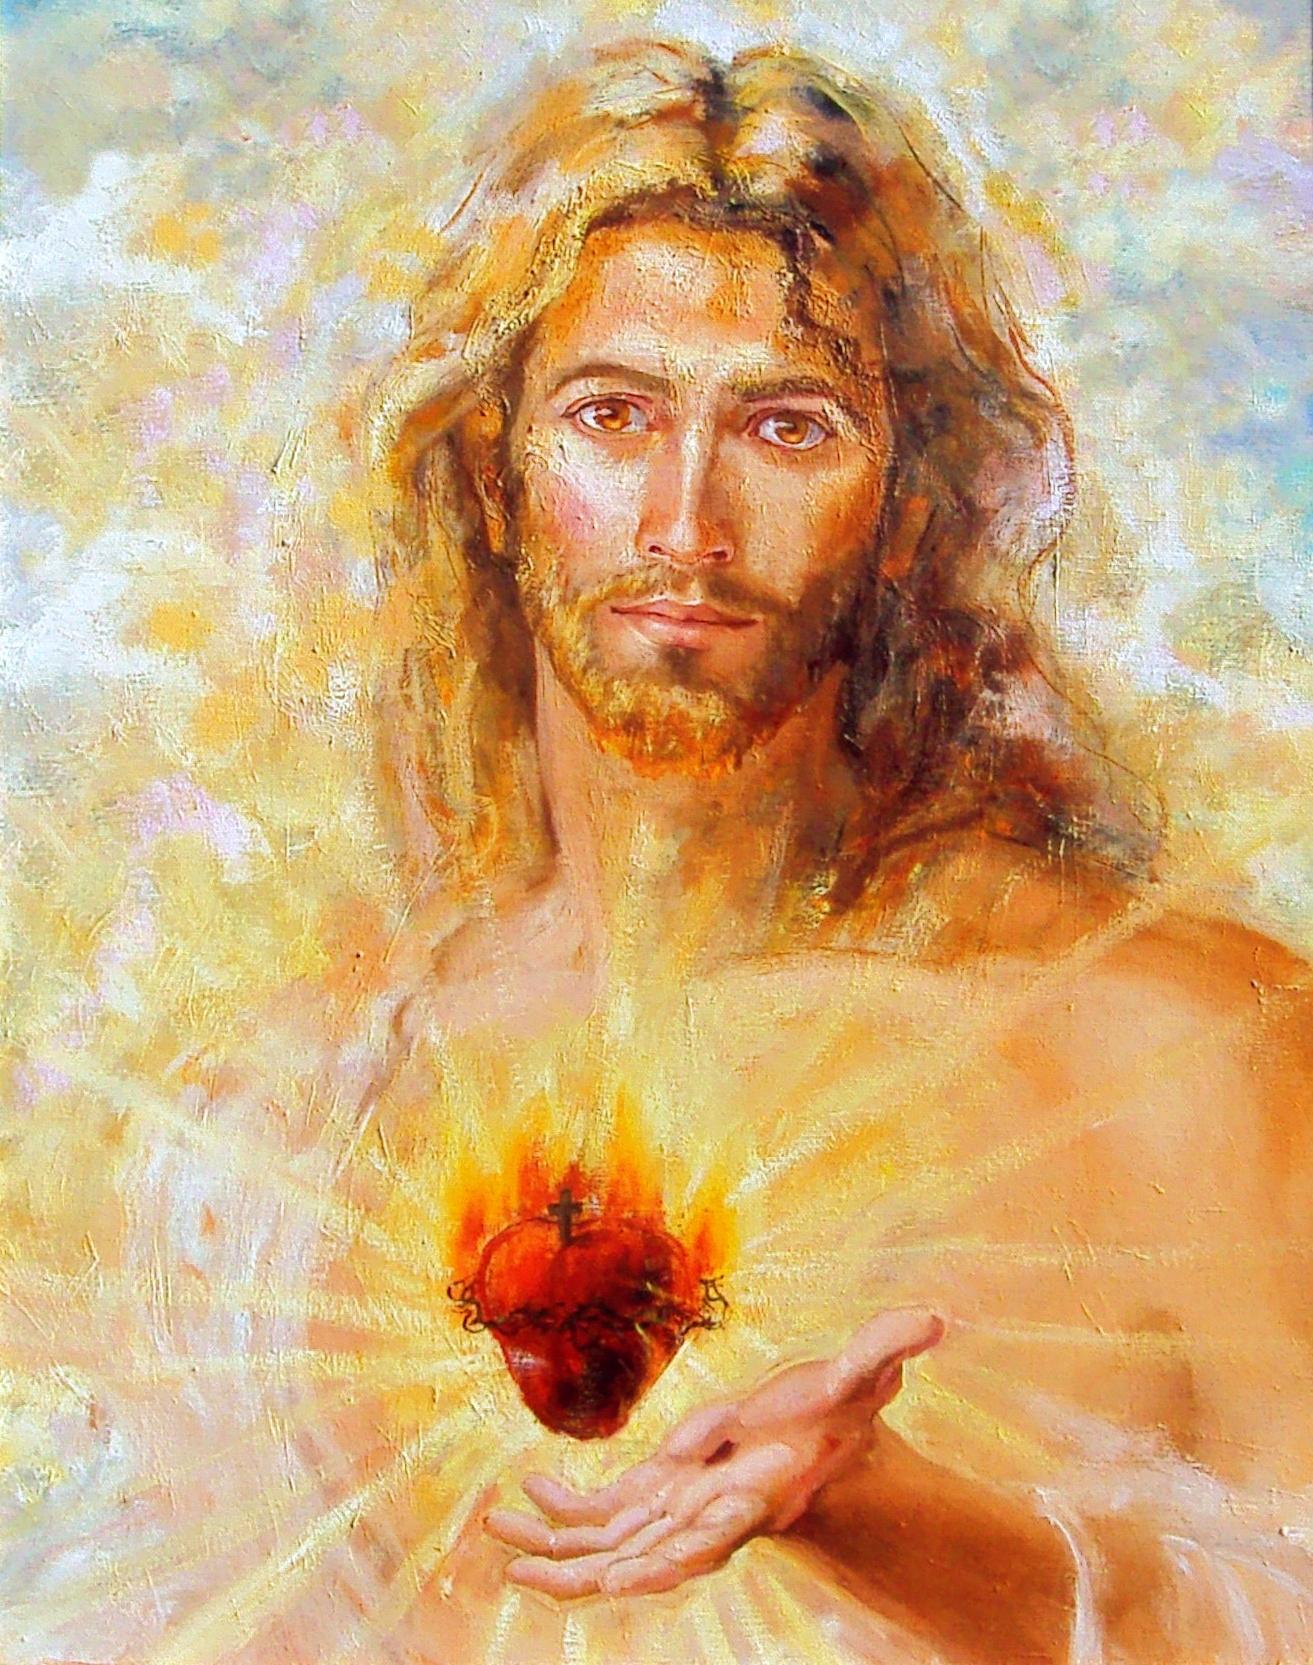 Mois de Juin = Dévotion au Sacré Coeur Coeur-sacrc3a9-de-jc3a9sus